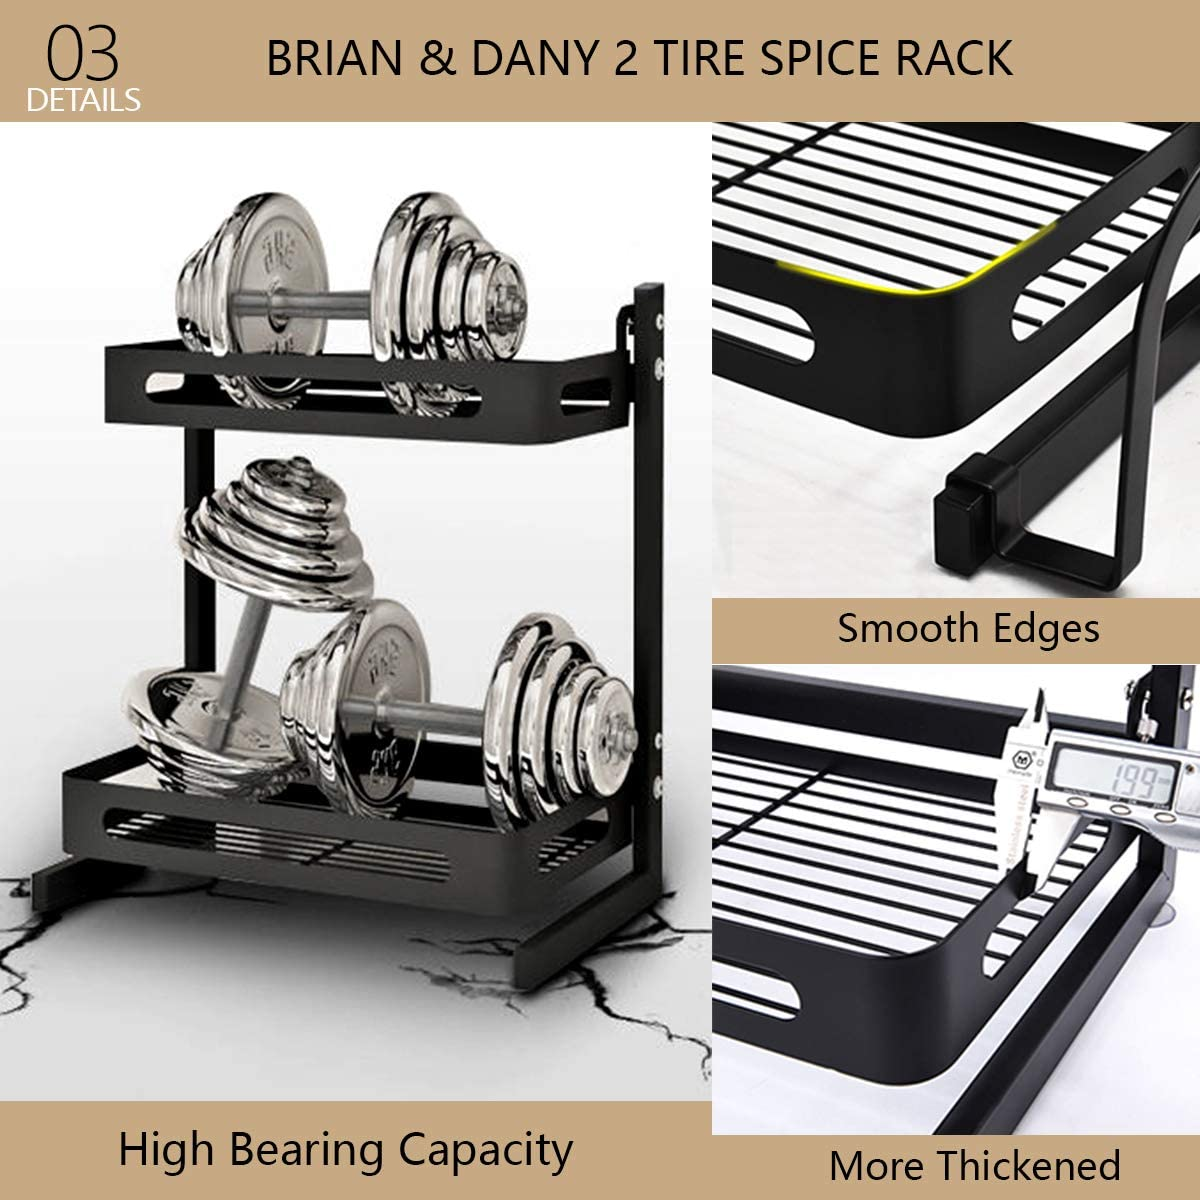 Negro BRIAN /& DANY Organizador de Especias de 2 Estantes Estanter/ía Soporte para Especias de Acero Inoxidable con Espacio para Cuberter/ía y Tabla de Cortar